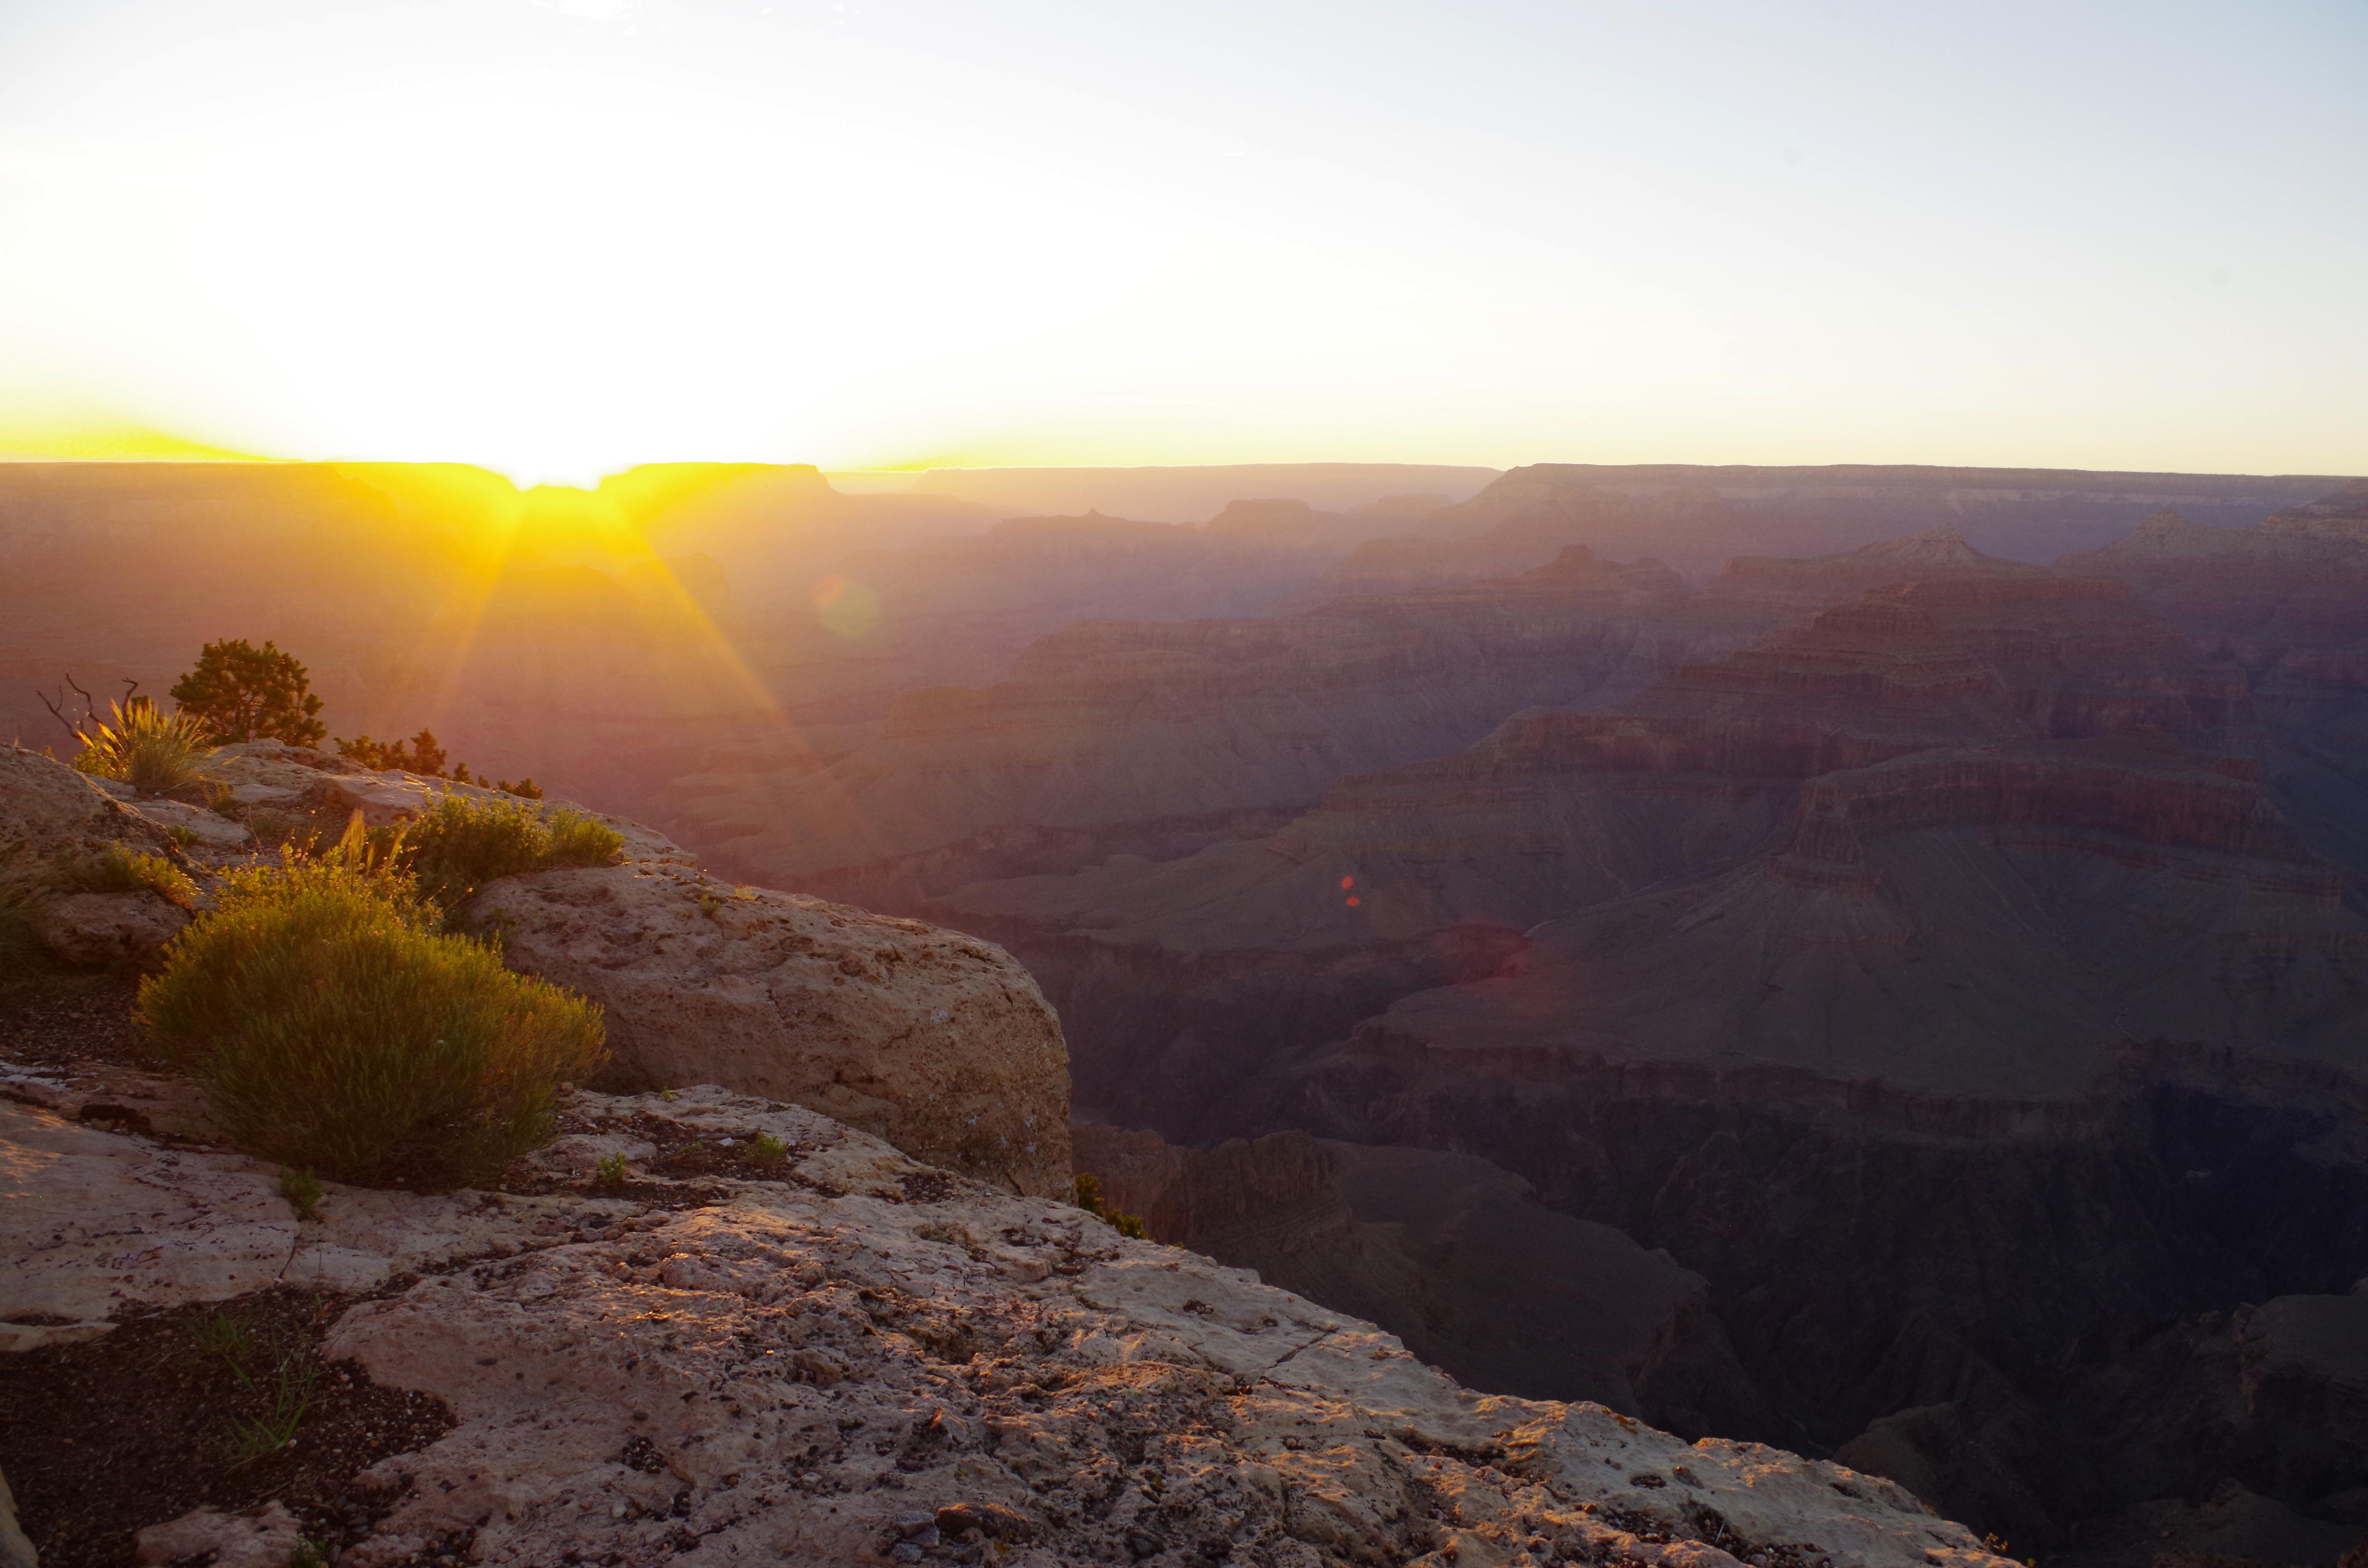 Den Sonnenuntergang am Grand Canyon solltet ihr auf keinen Fall verpassen!